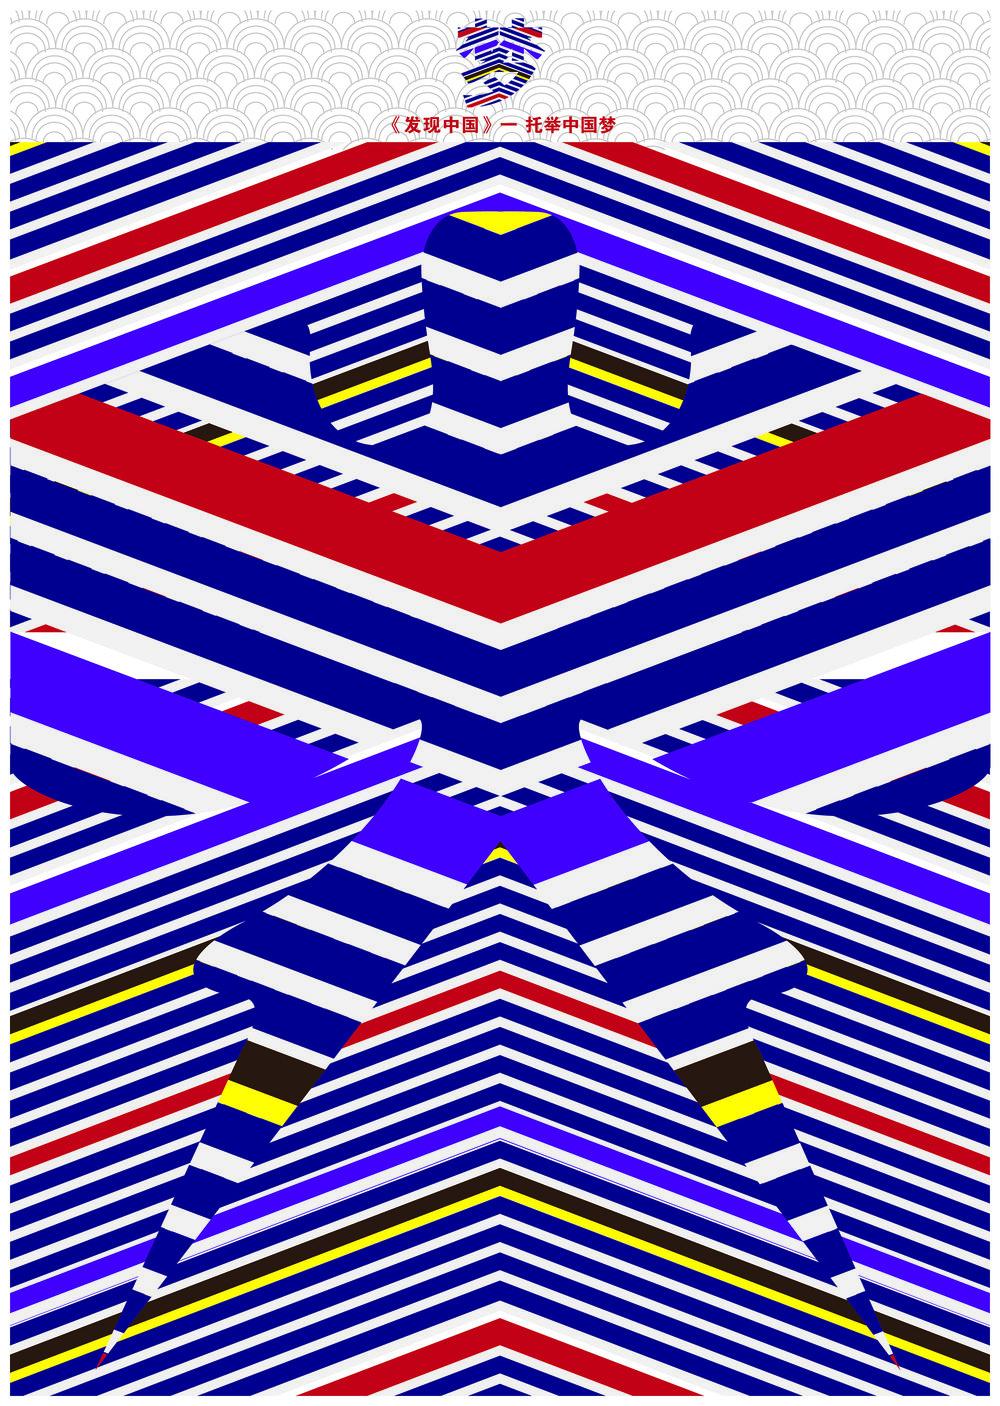 亚洲平面设计双年展-作品名:《中国梦》.jpg